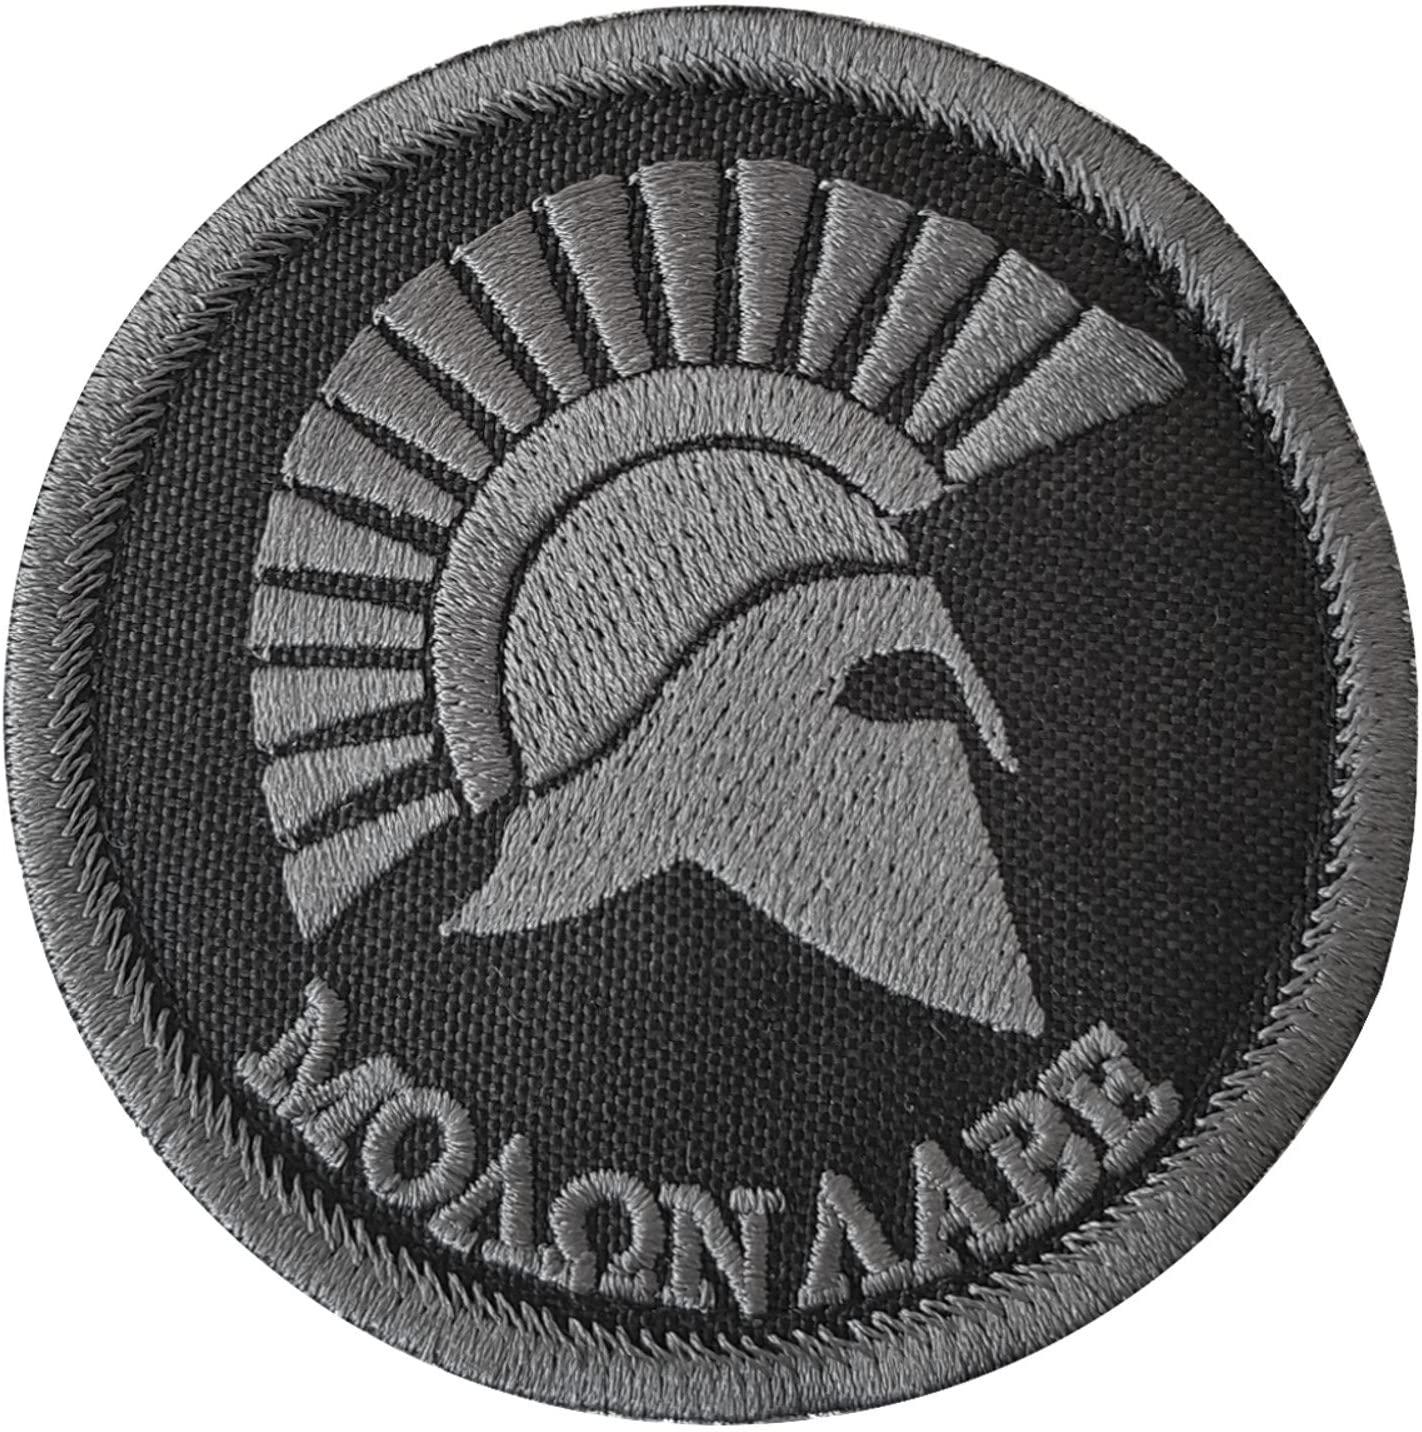 LEGEEON Molon Labe ACU Blackout Spartan Helmet Morale Tactical Sew Iron on Patch